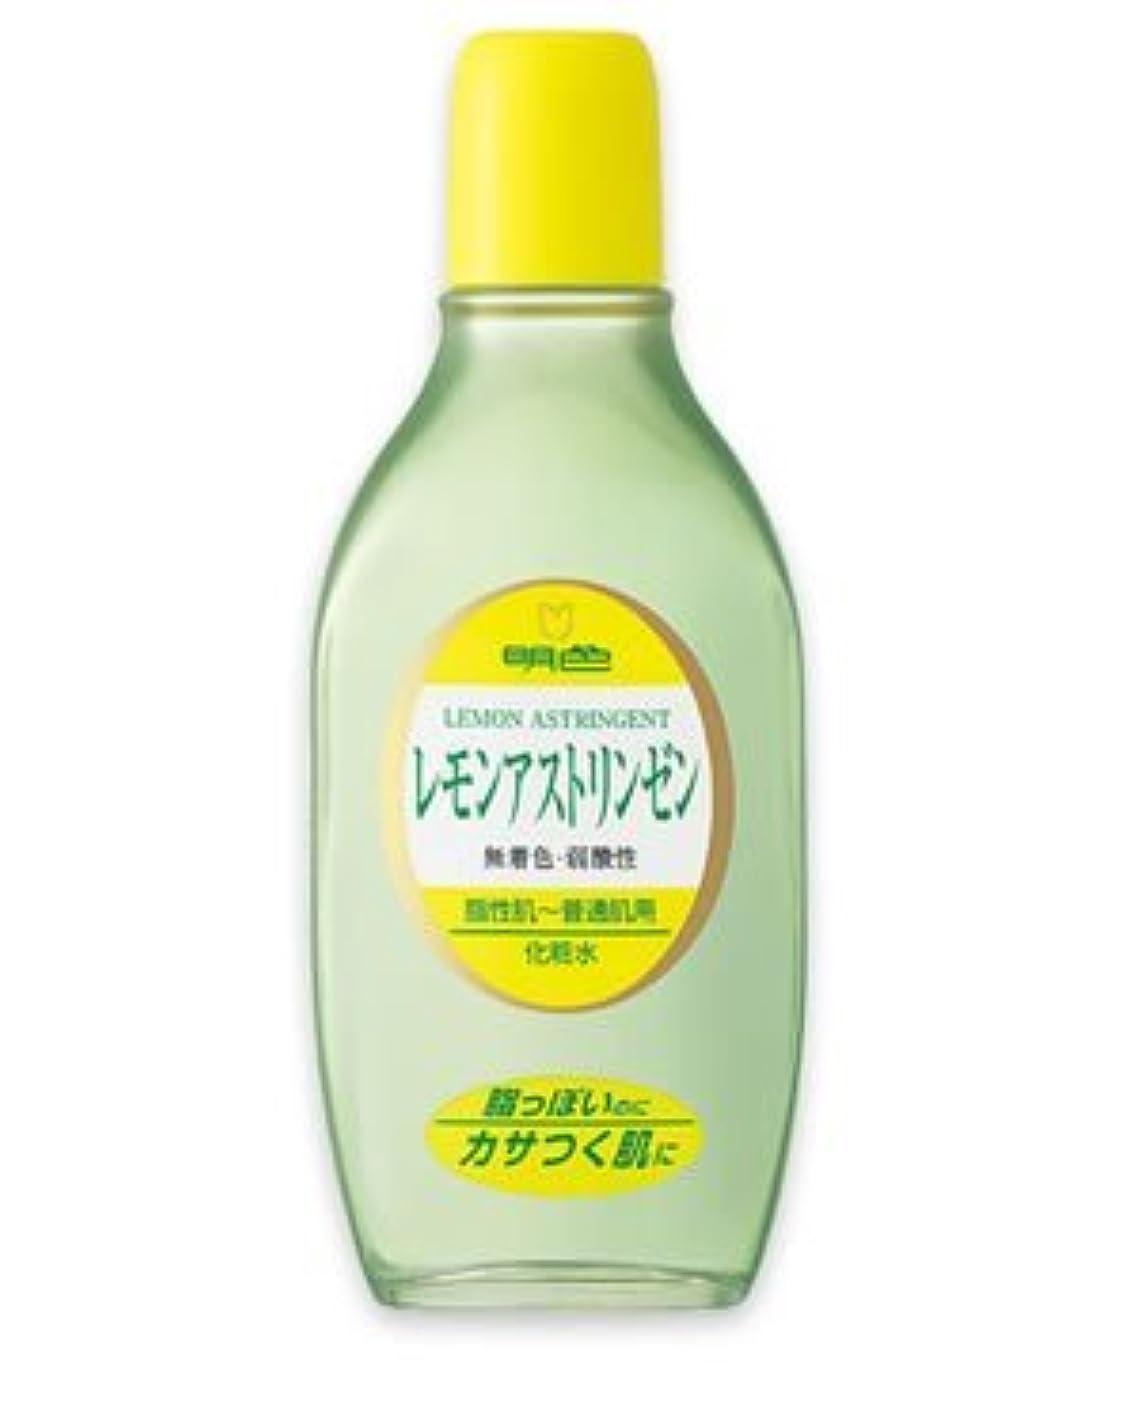 北へ確率日常的に(明色)レモンアストリンゼン 170ml(お買い得3本セット)